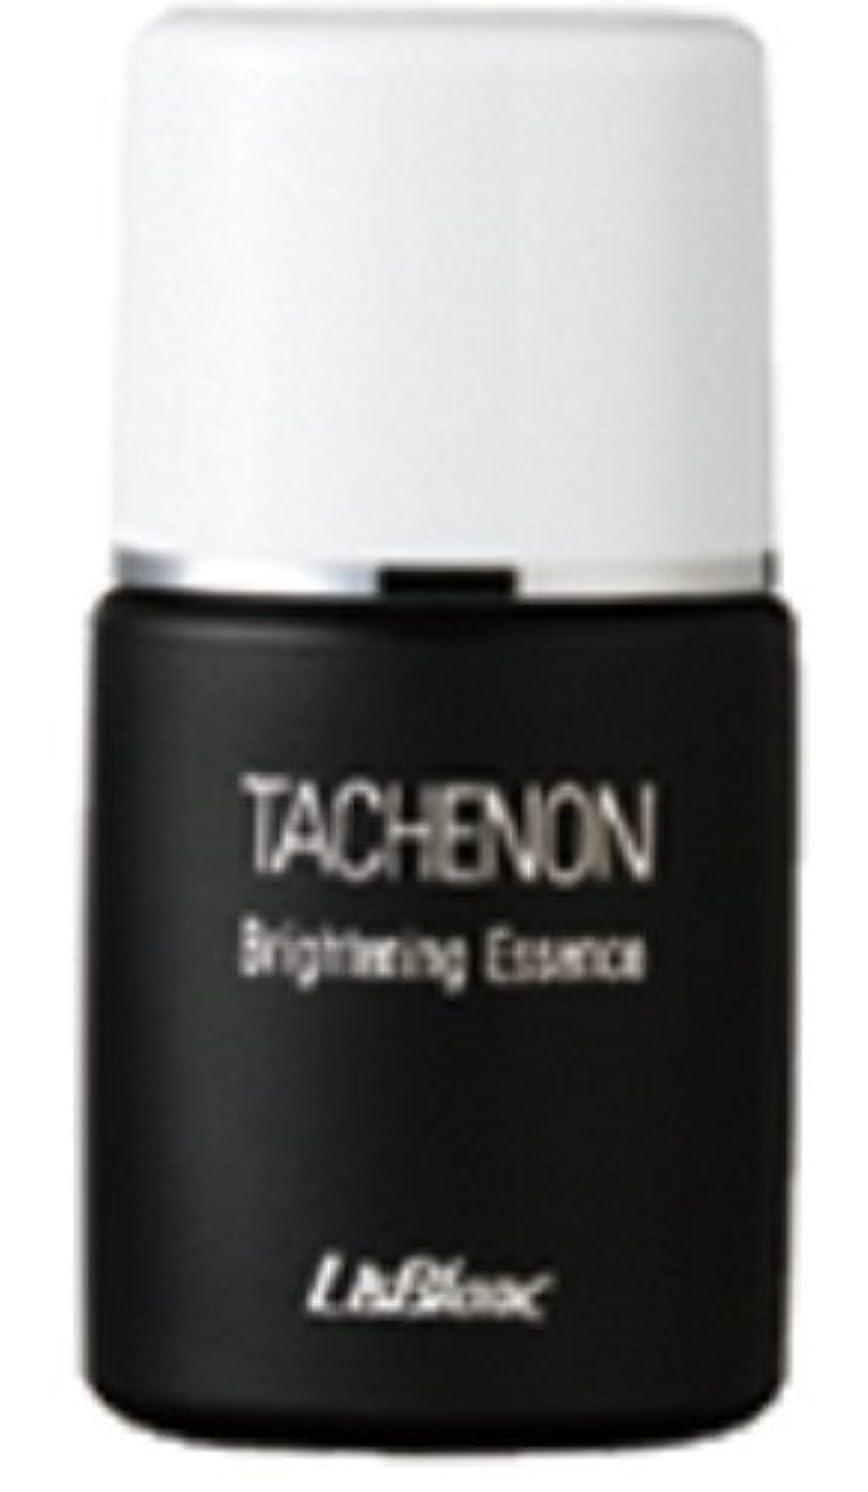 期間空白簡略化するリスブラン タシュノン 22mL 美容液